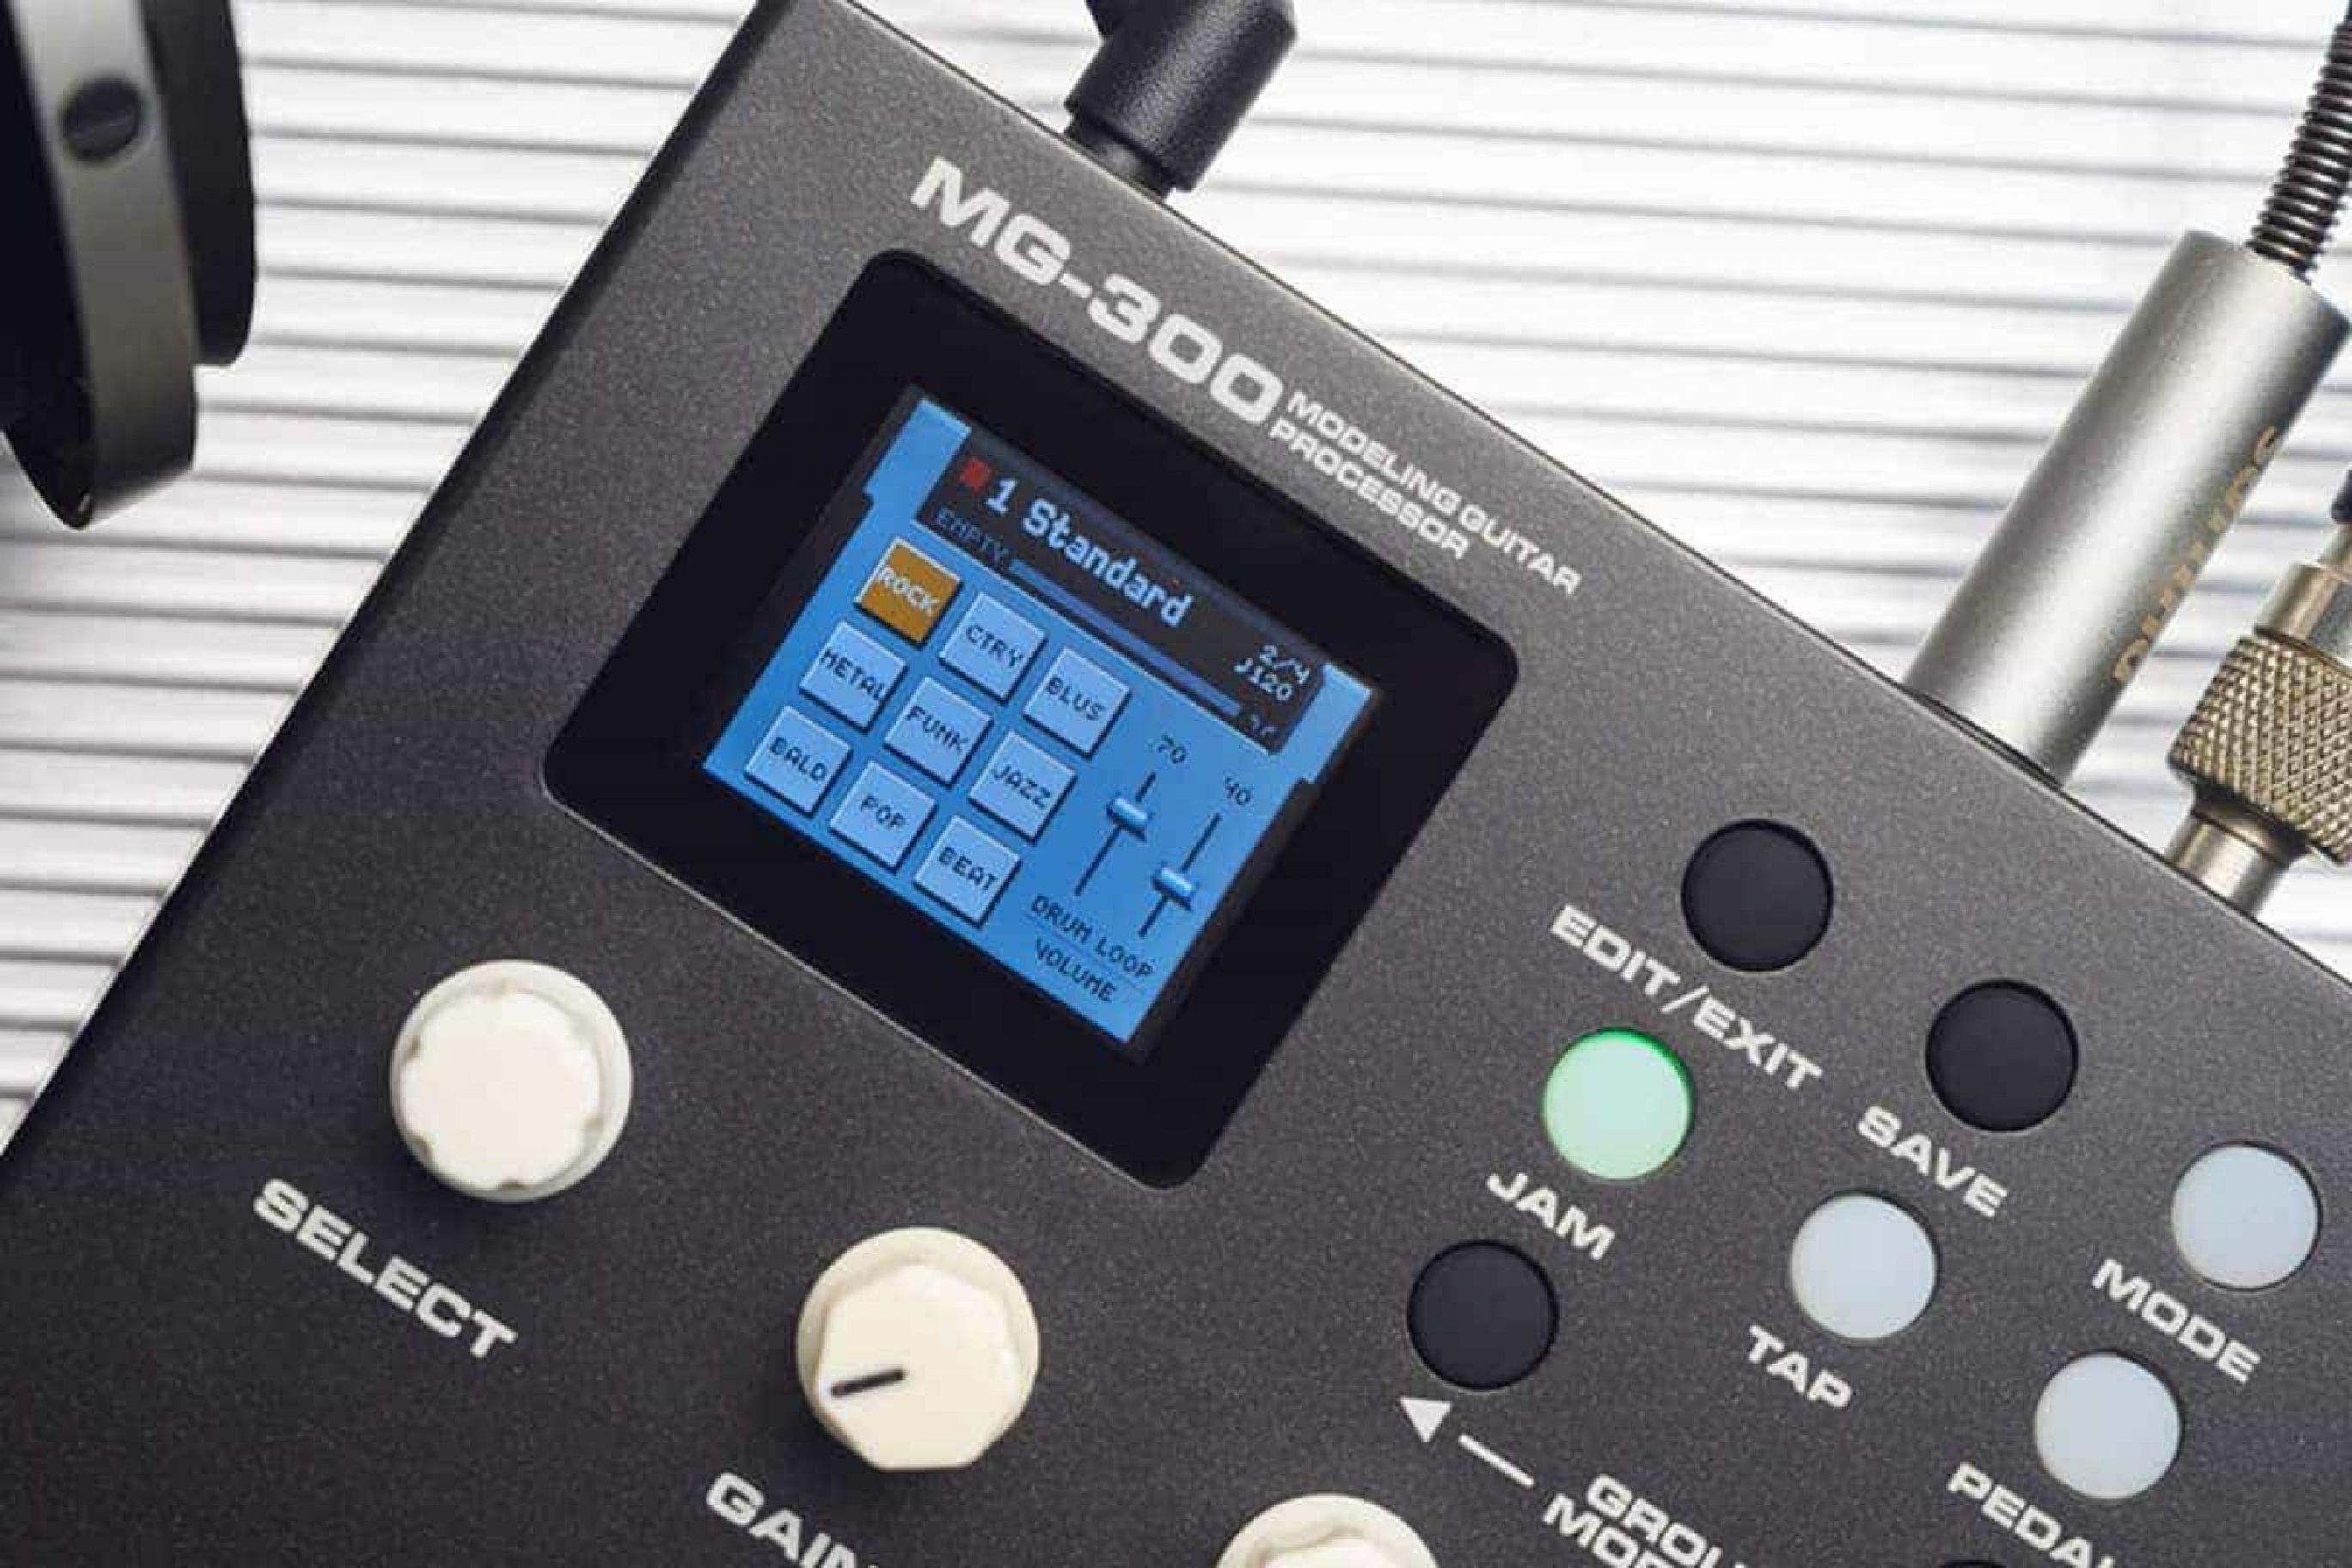 NUX MG 300: multieffetto per chitarra elettrica anche per professionisti